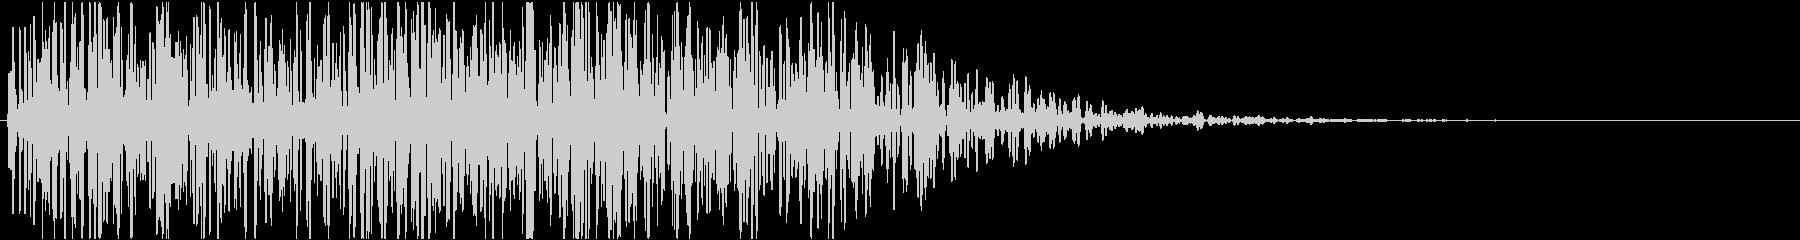 ボボボボボーンの未再生の波形